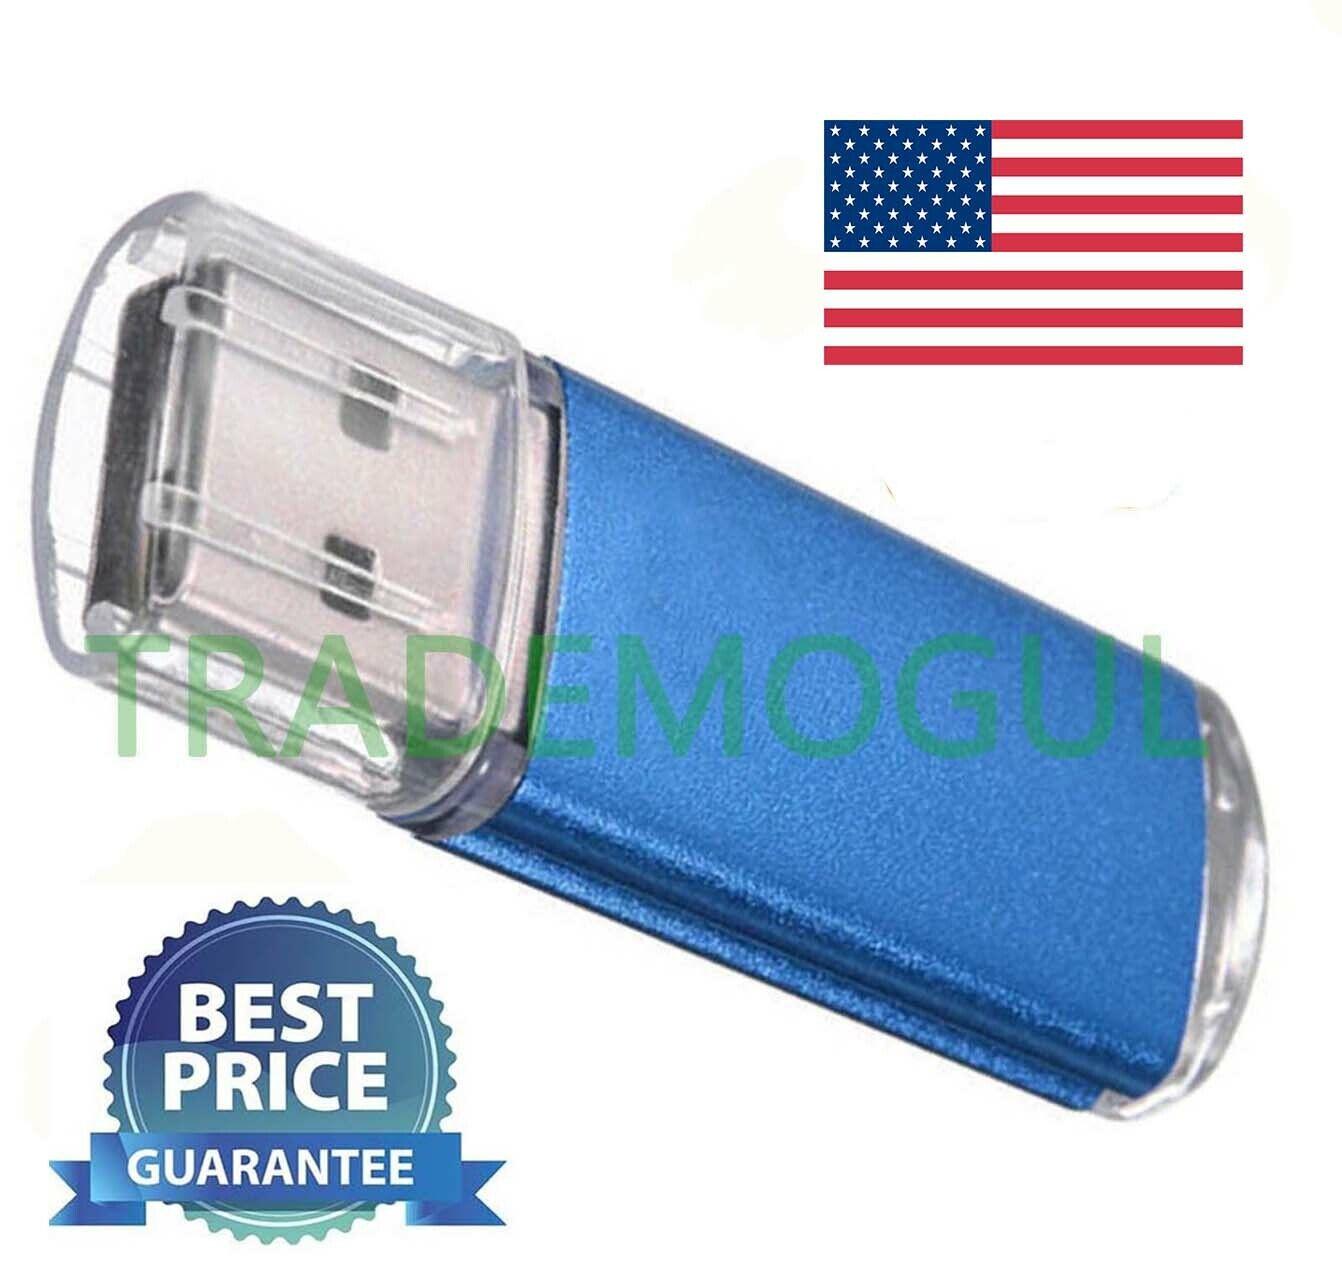 2TB 512GB USB Flash Drive Thumb U Disk Memory Stick Pen PC L